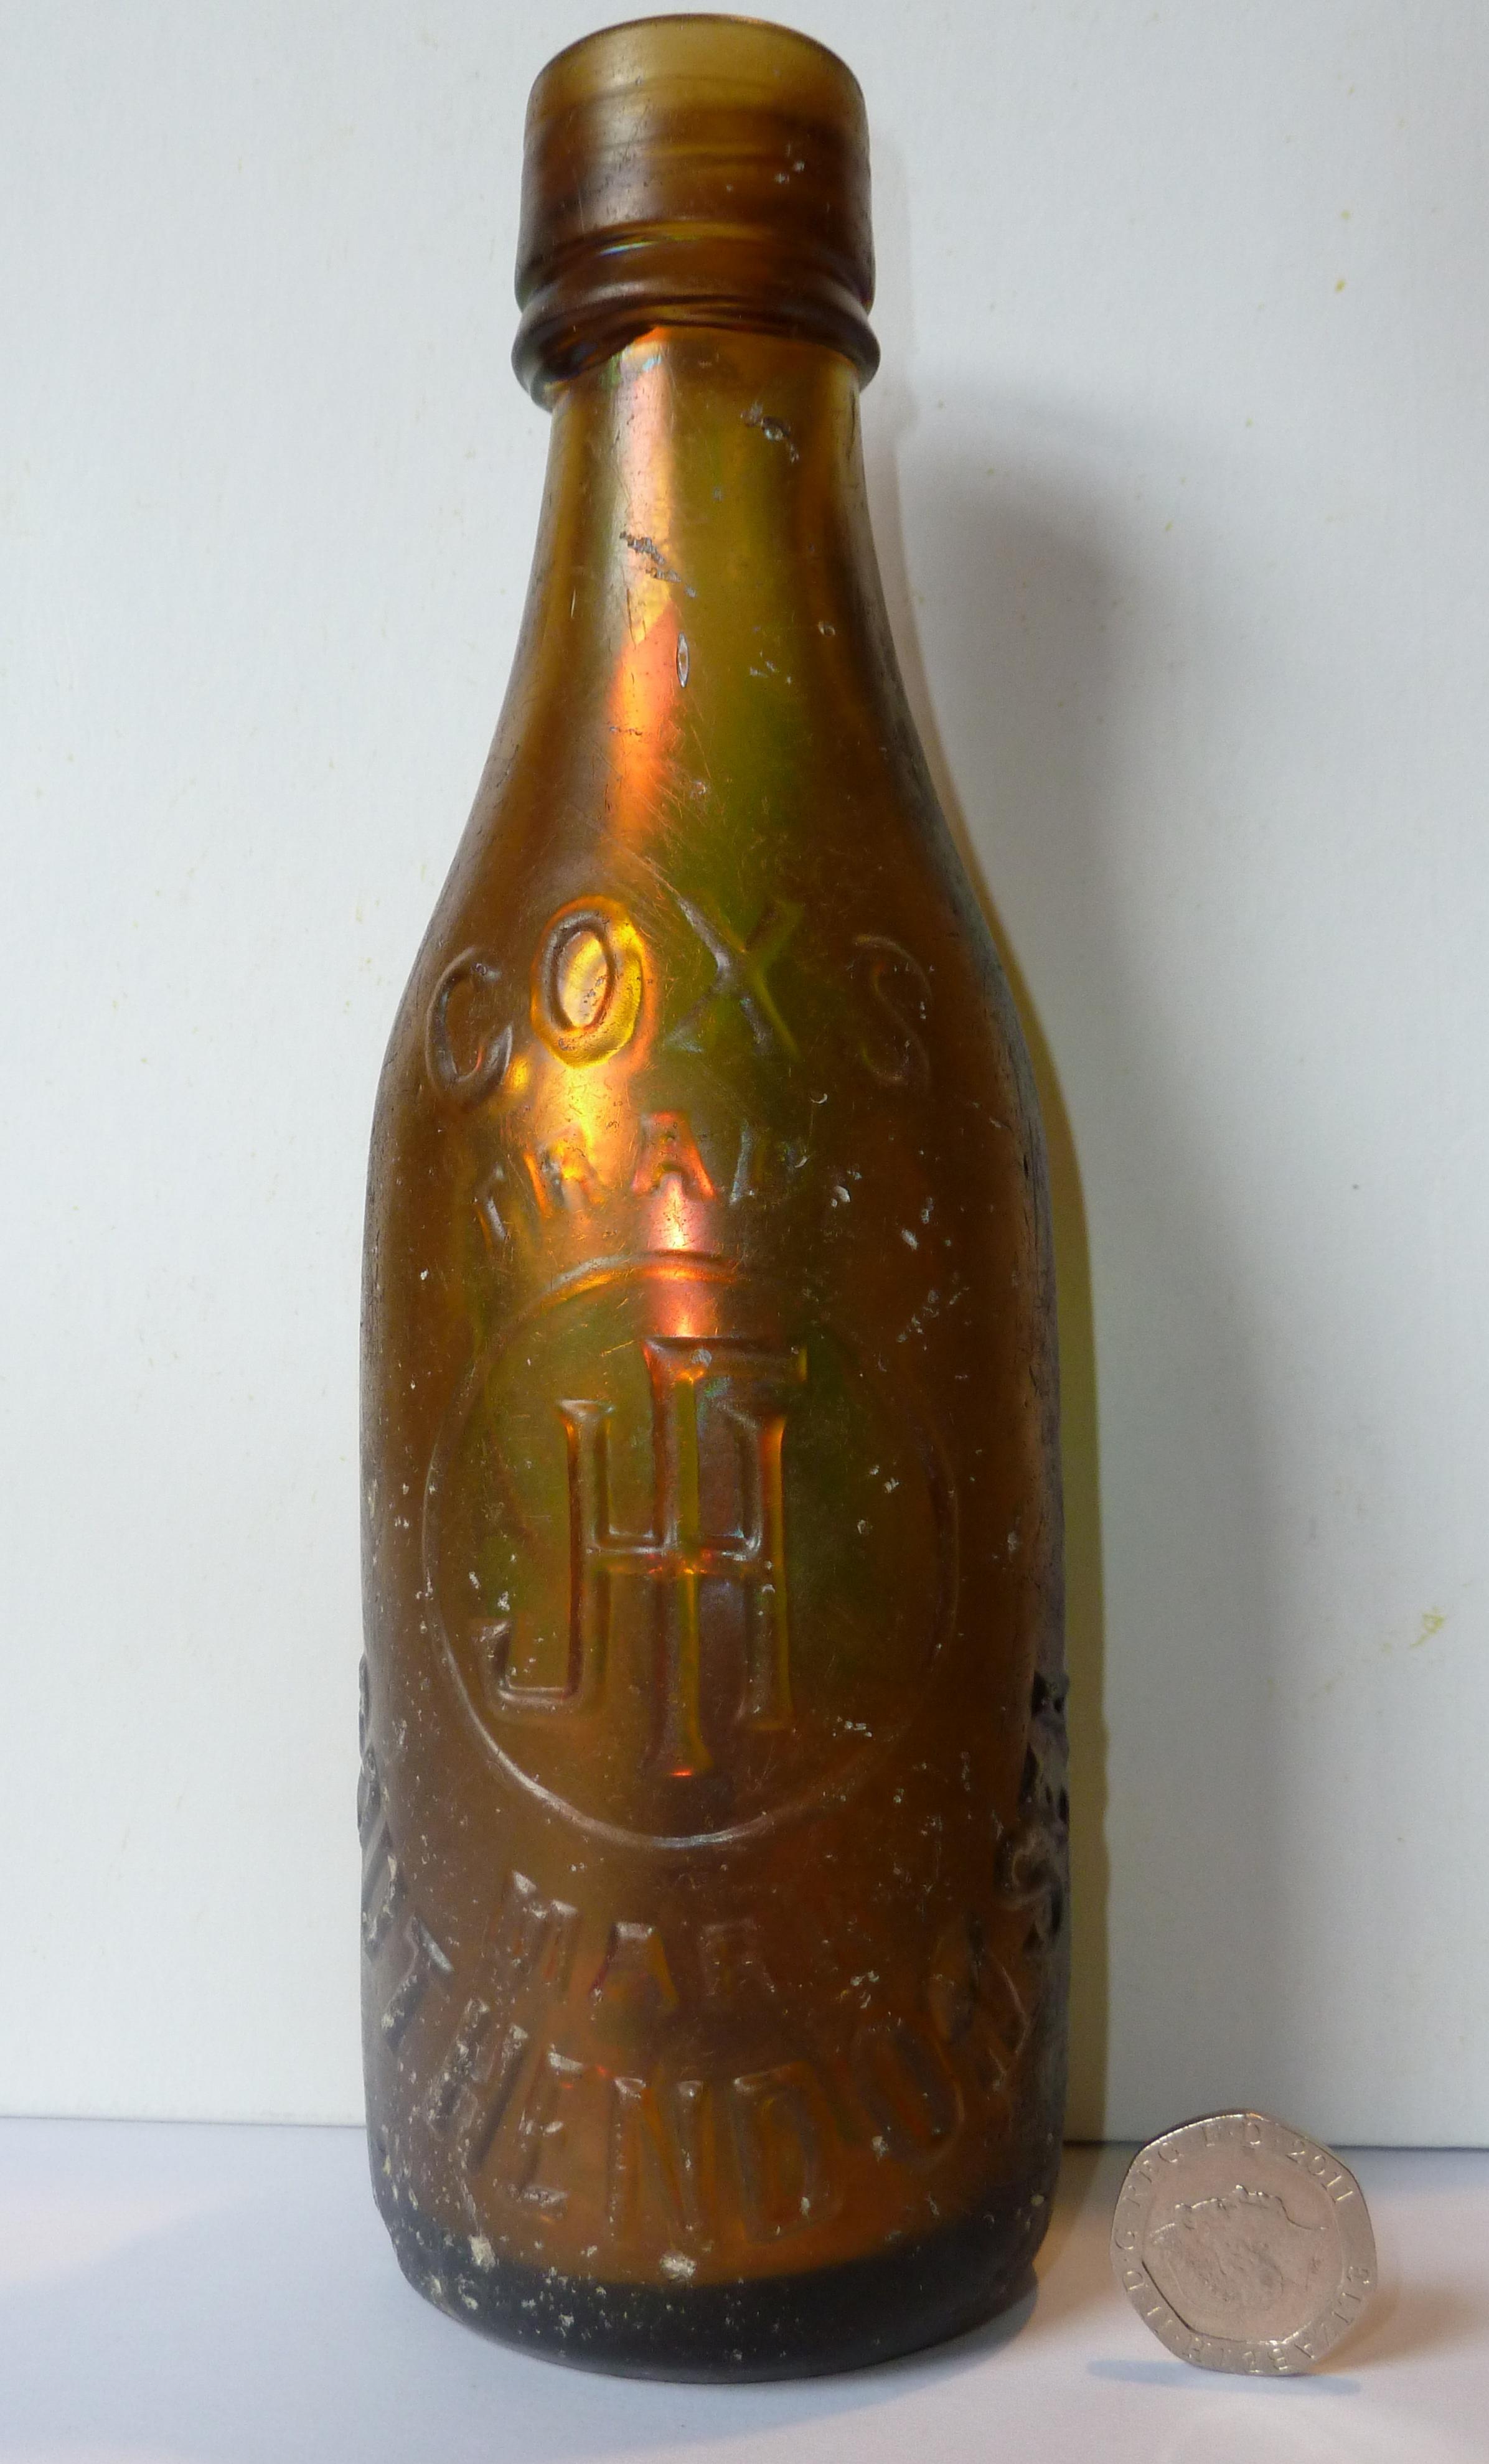 Cox's Beer Bottle 1